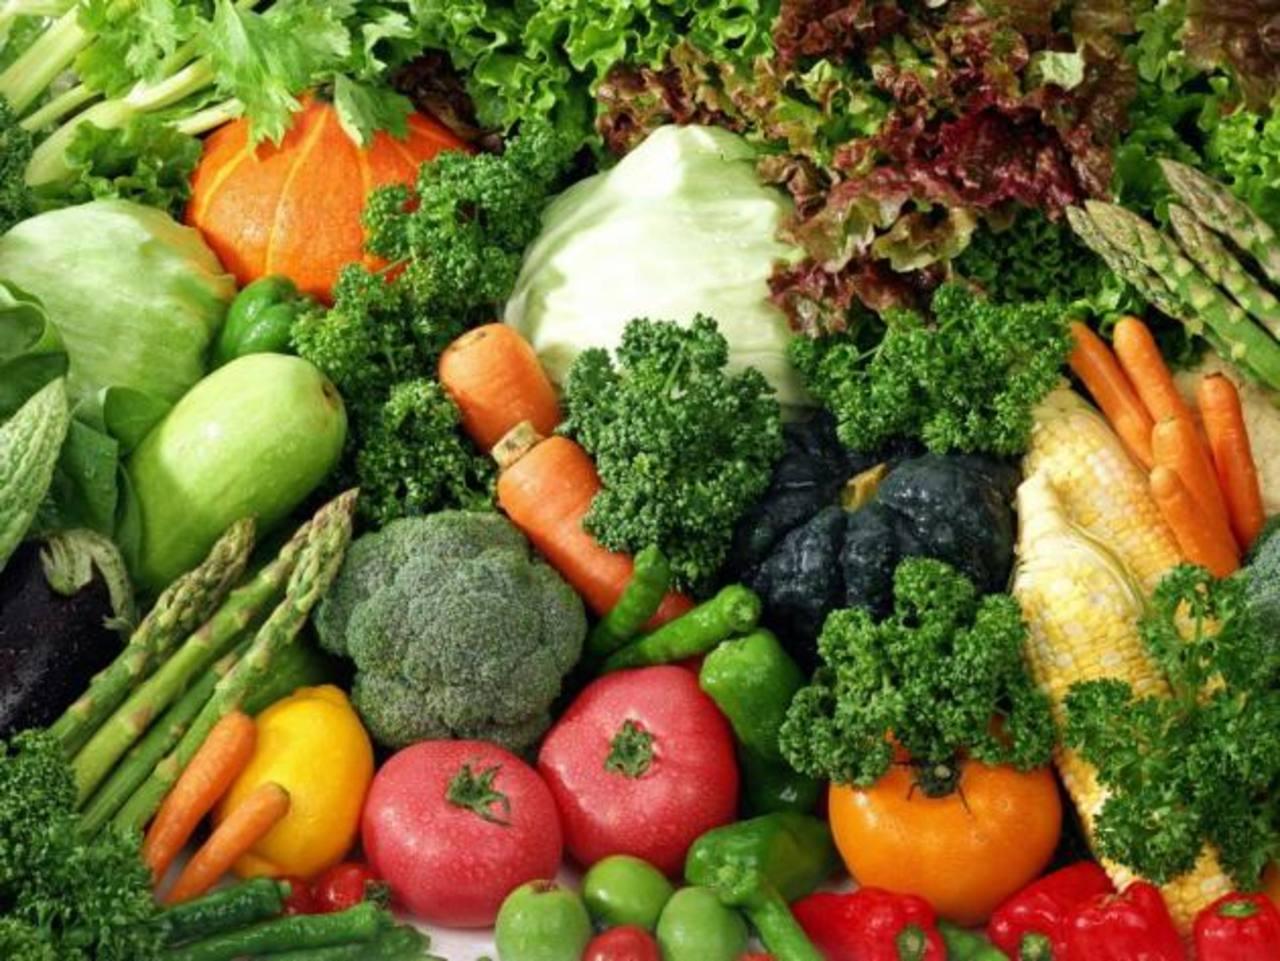 Arveja china, dulce, criolla, zucchini, pattypans, baby corn, minizanahoria y col de bruselas, son algunos de los productos.